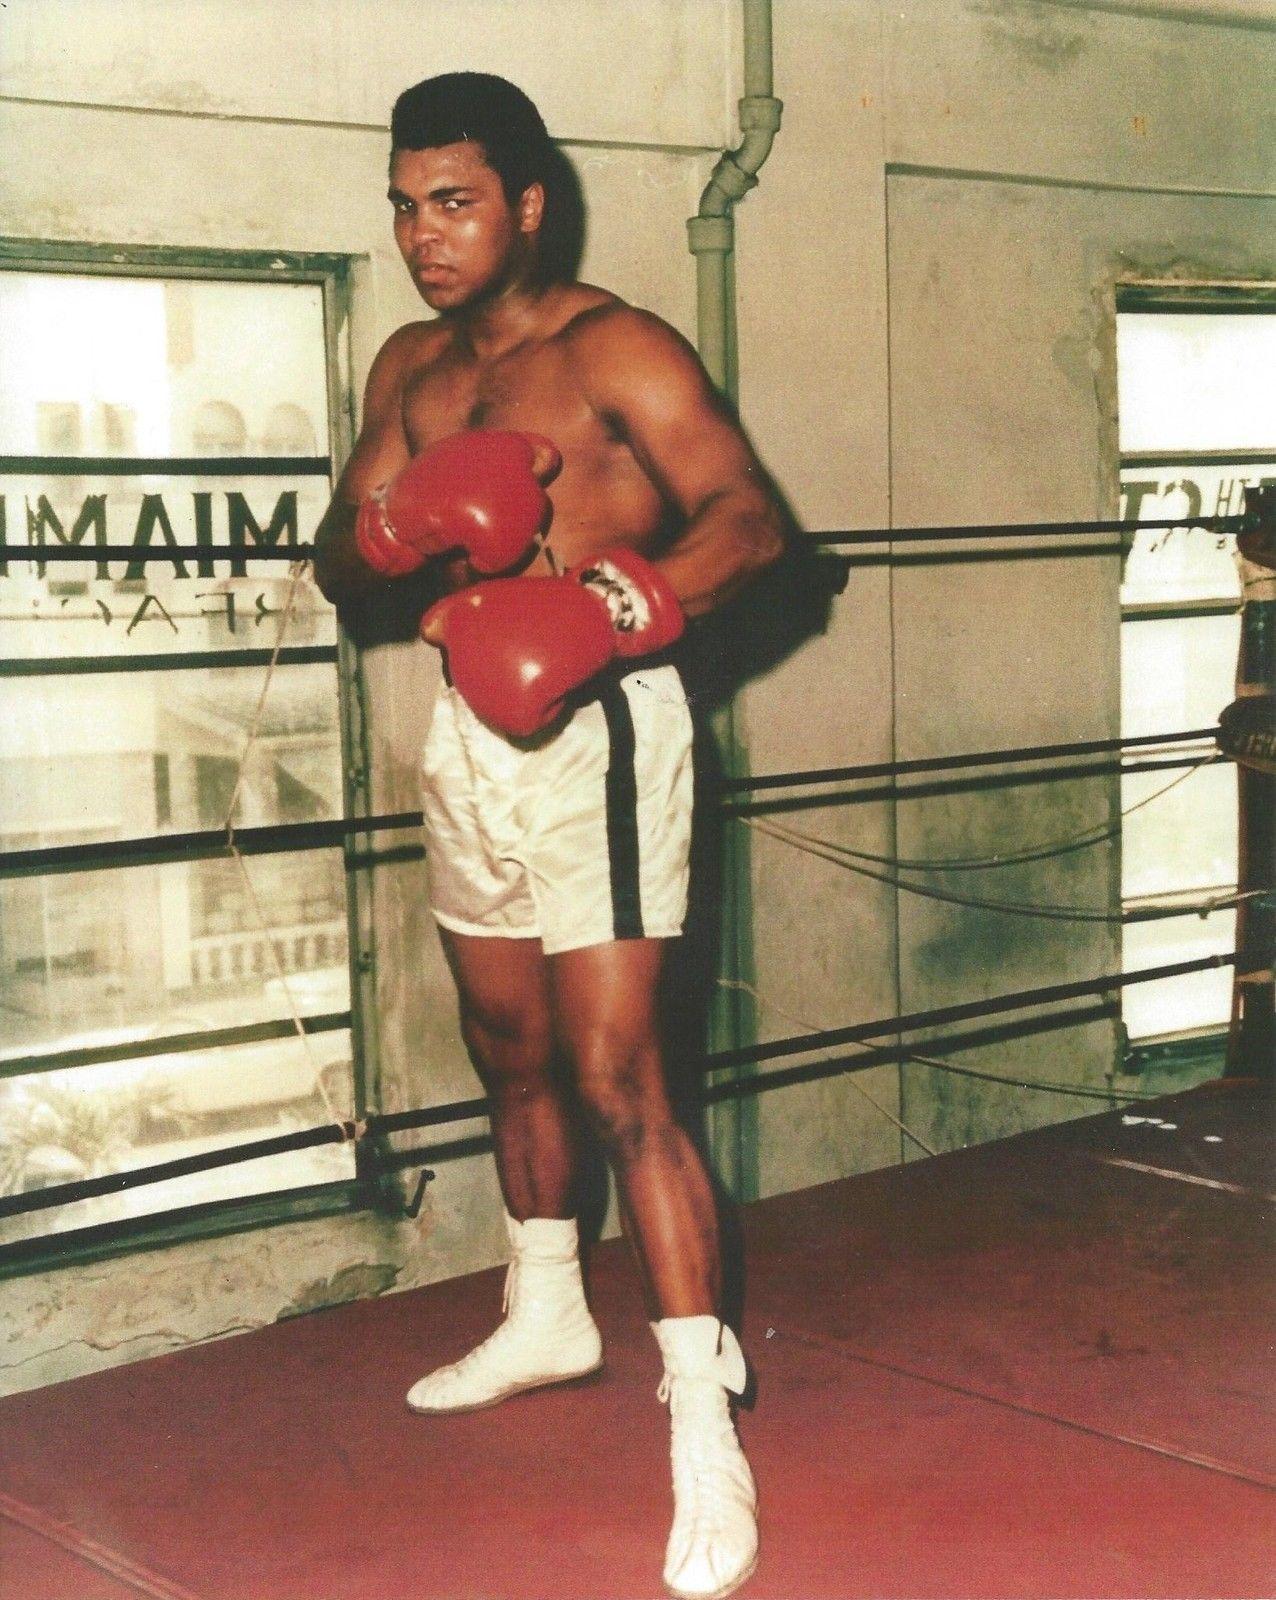 muhammad ali coloring pages - muhammad ali gym vintage 16x20 color boxing memorabilia